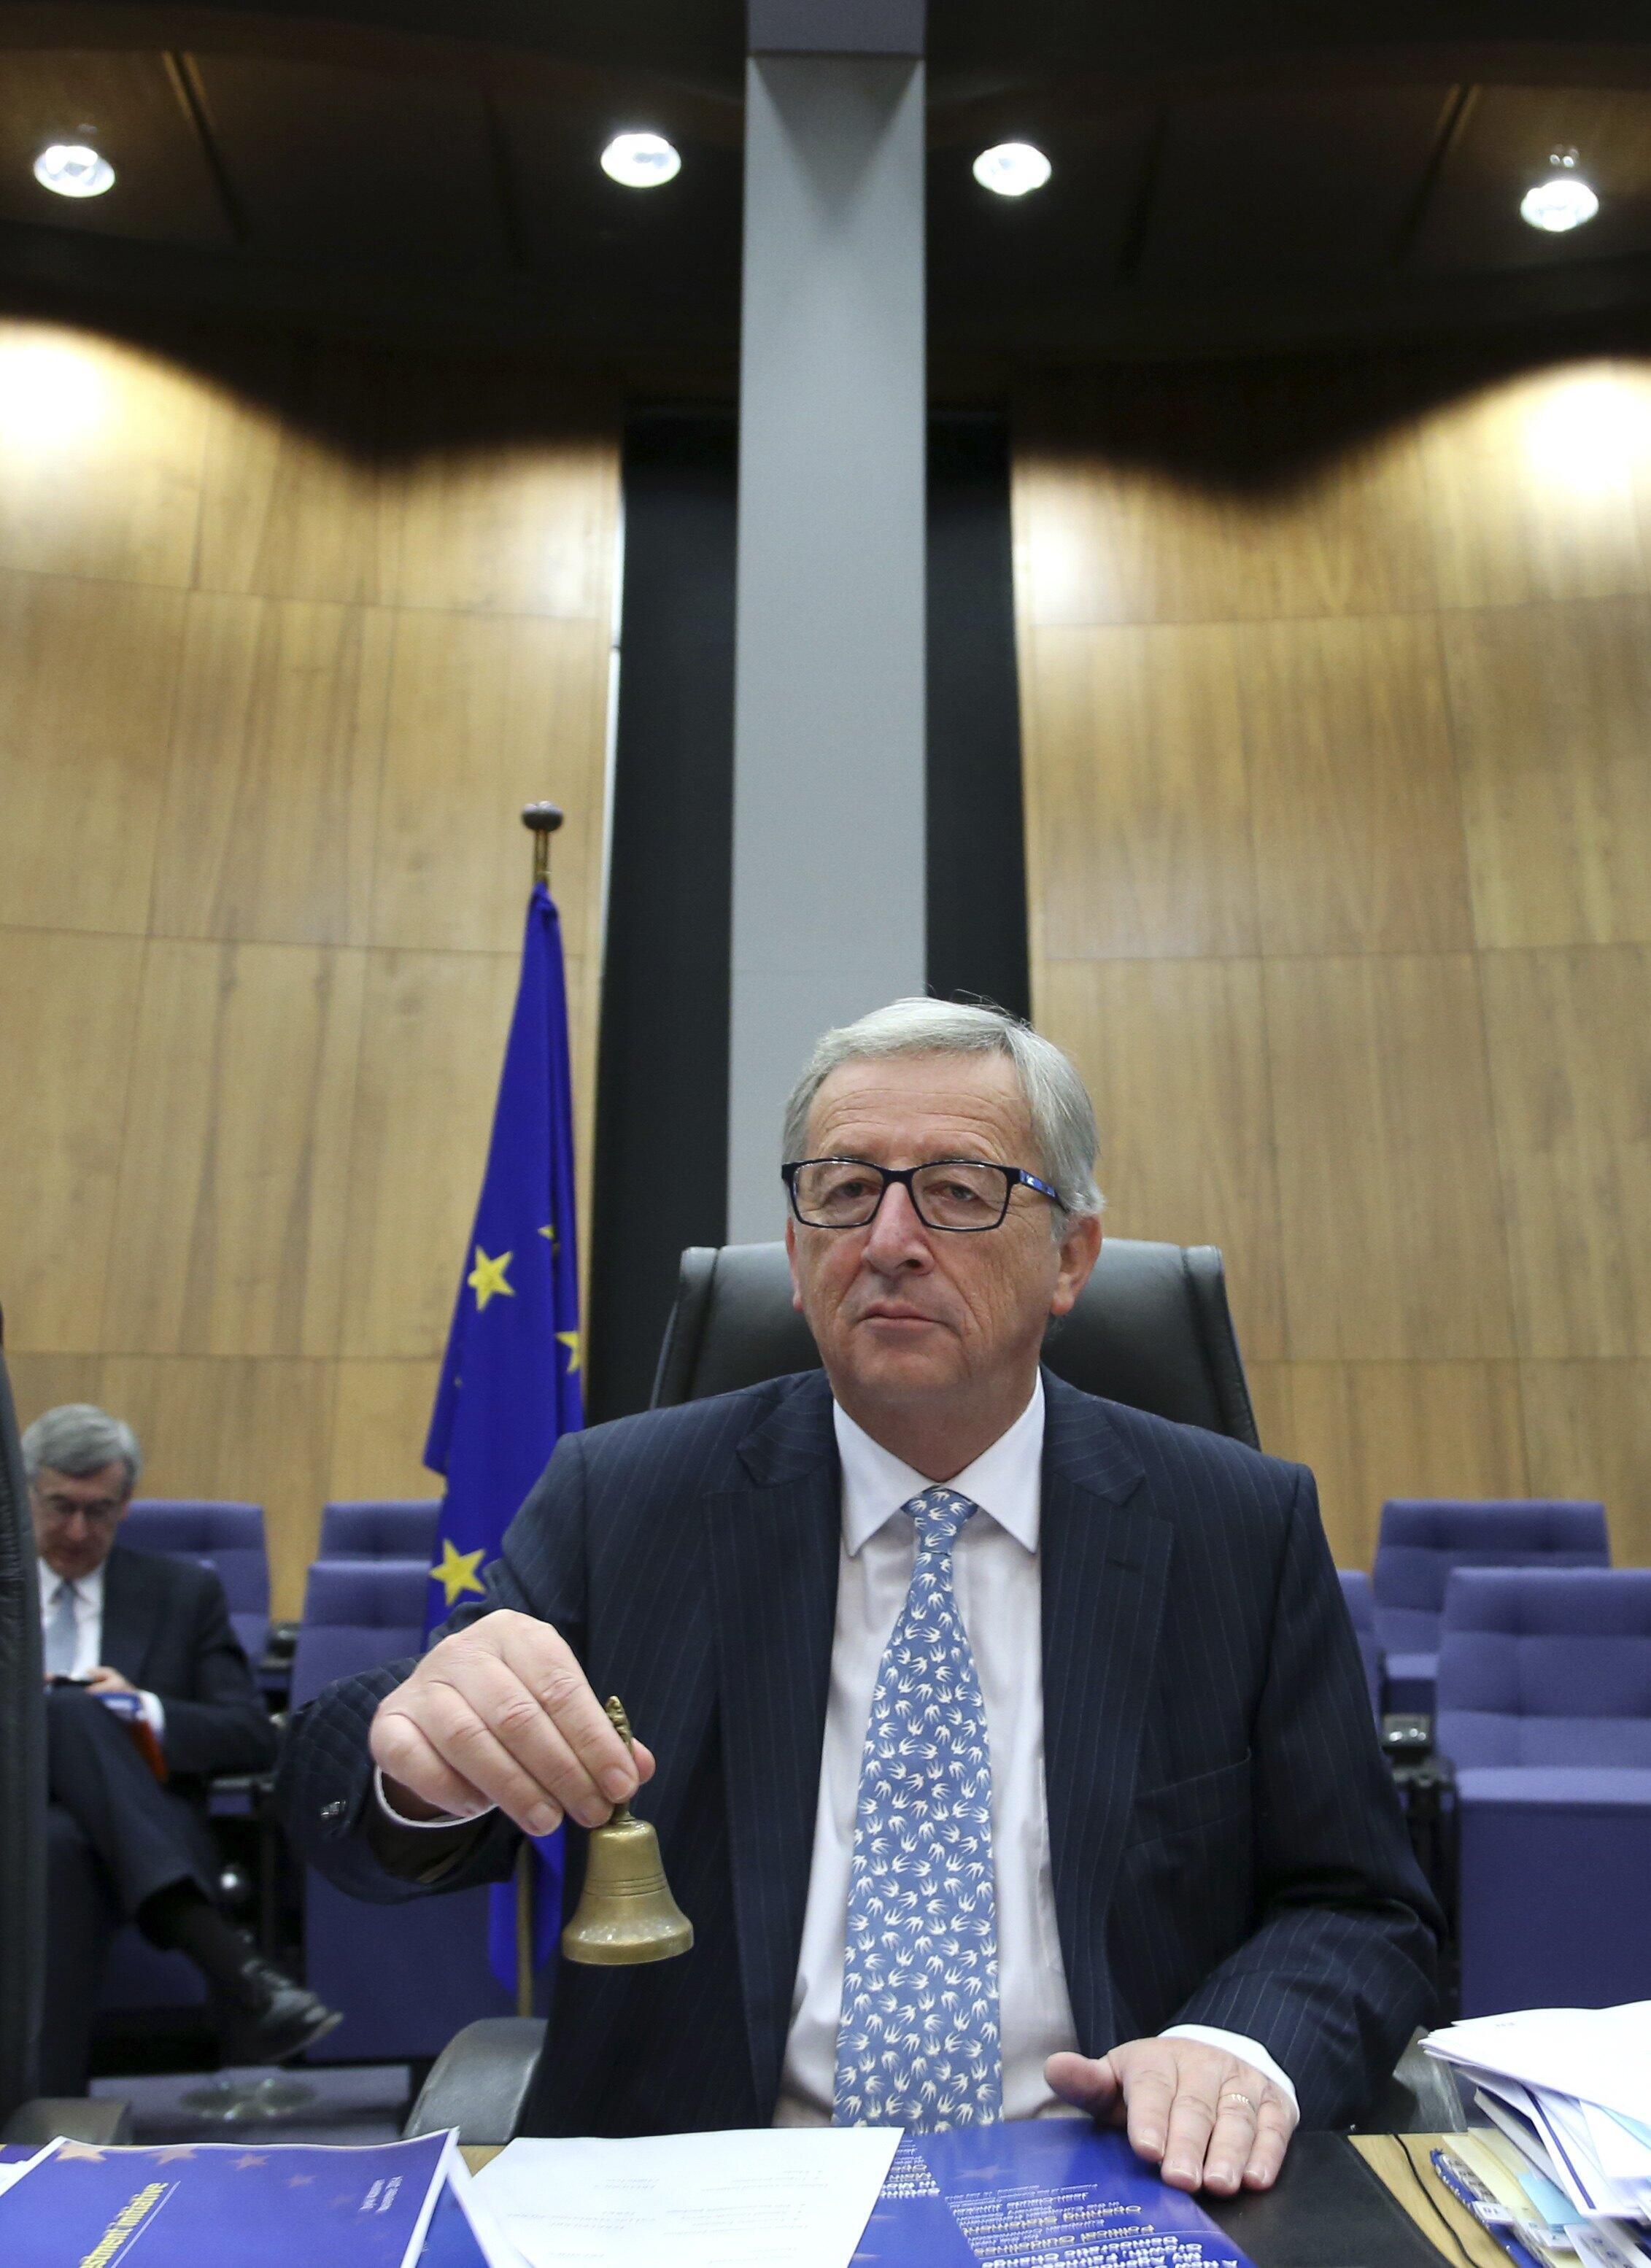 Acabado de chegar à Comissão Euopeia, o alarme soou para Juncker